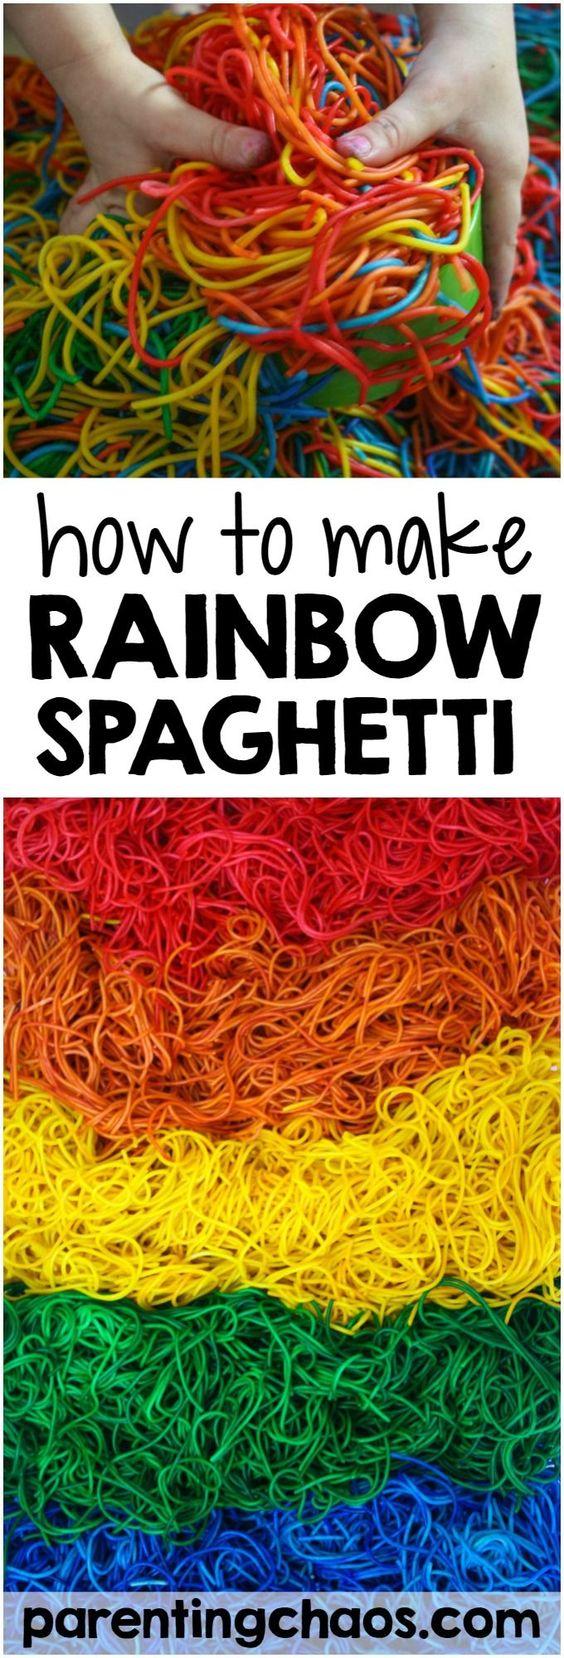 这是迄今为止我发现的最好的方法,如何染色彩虹意大利面的感官游戏!